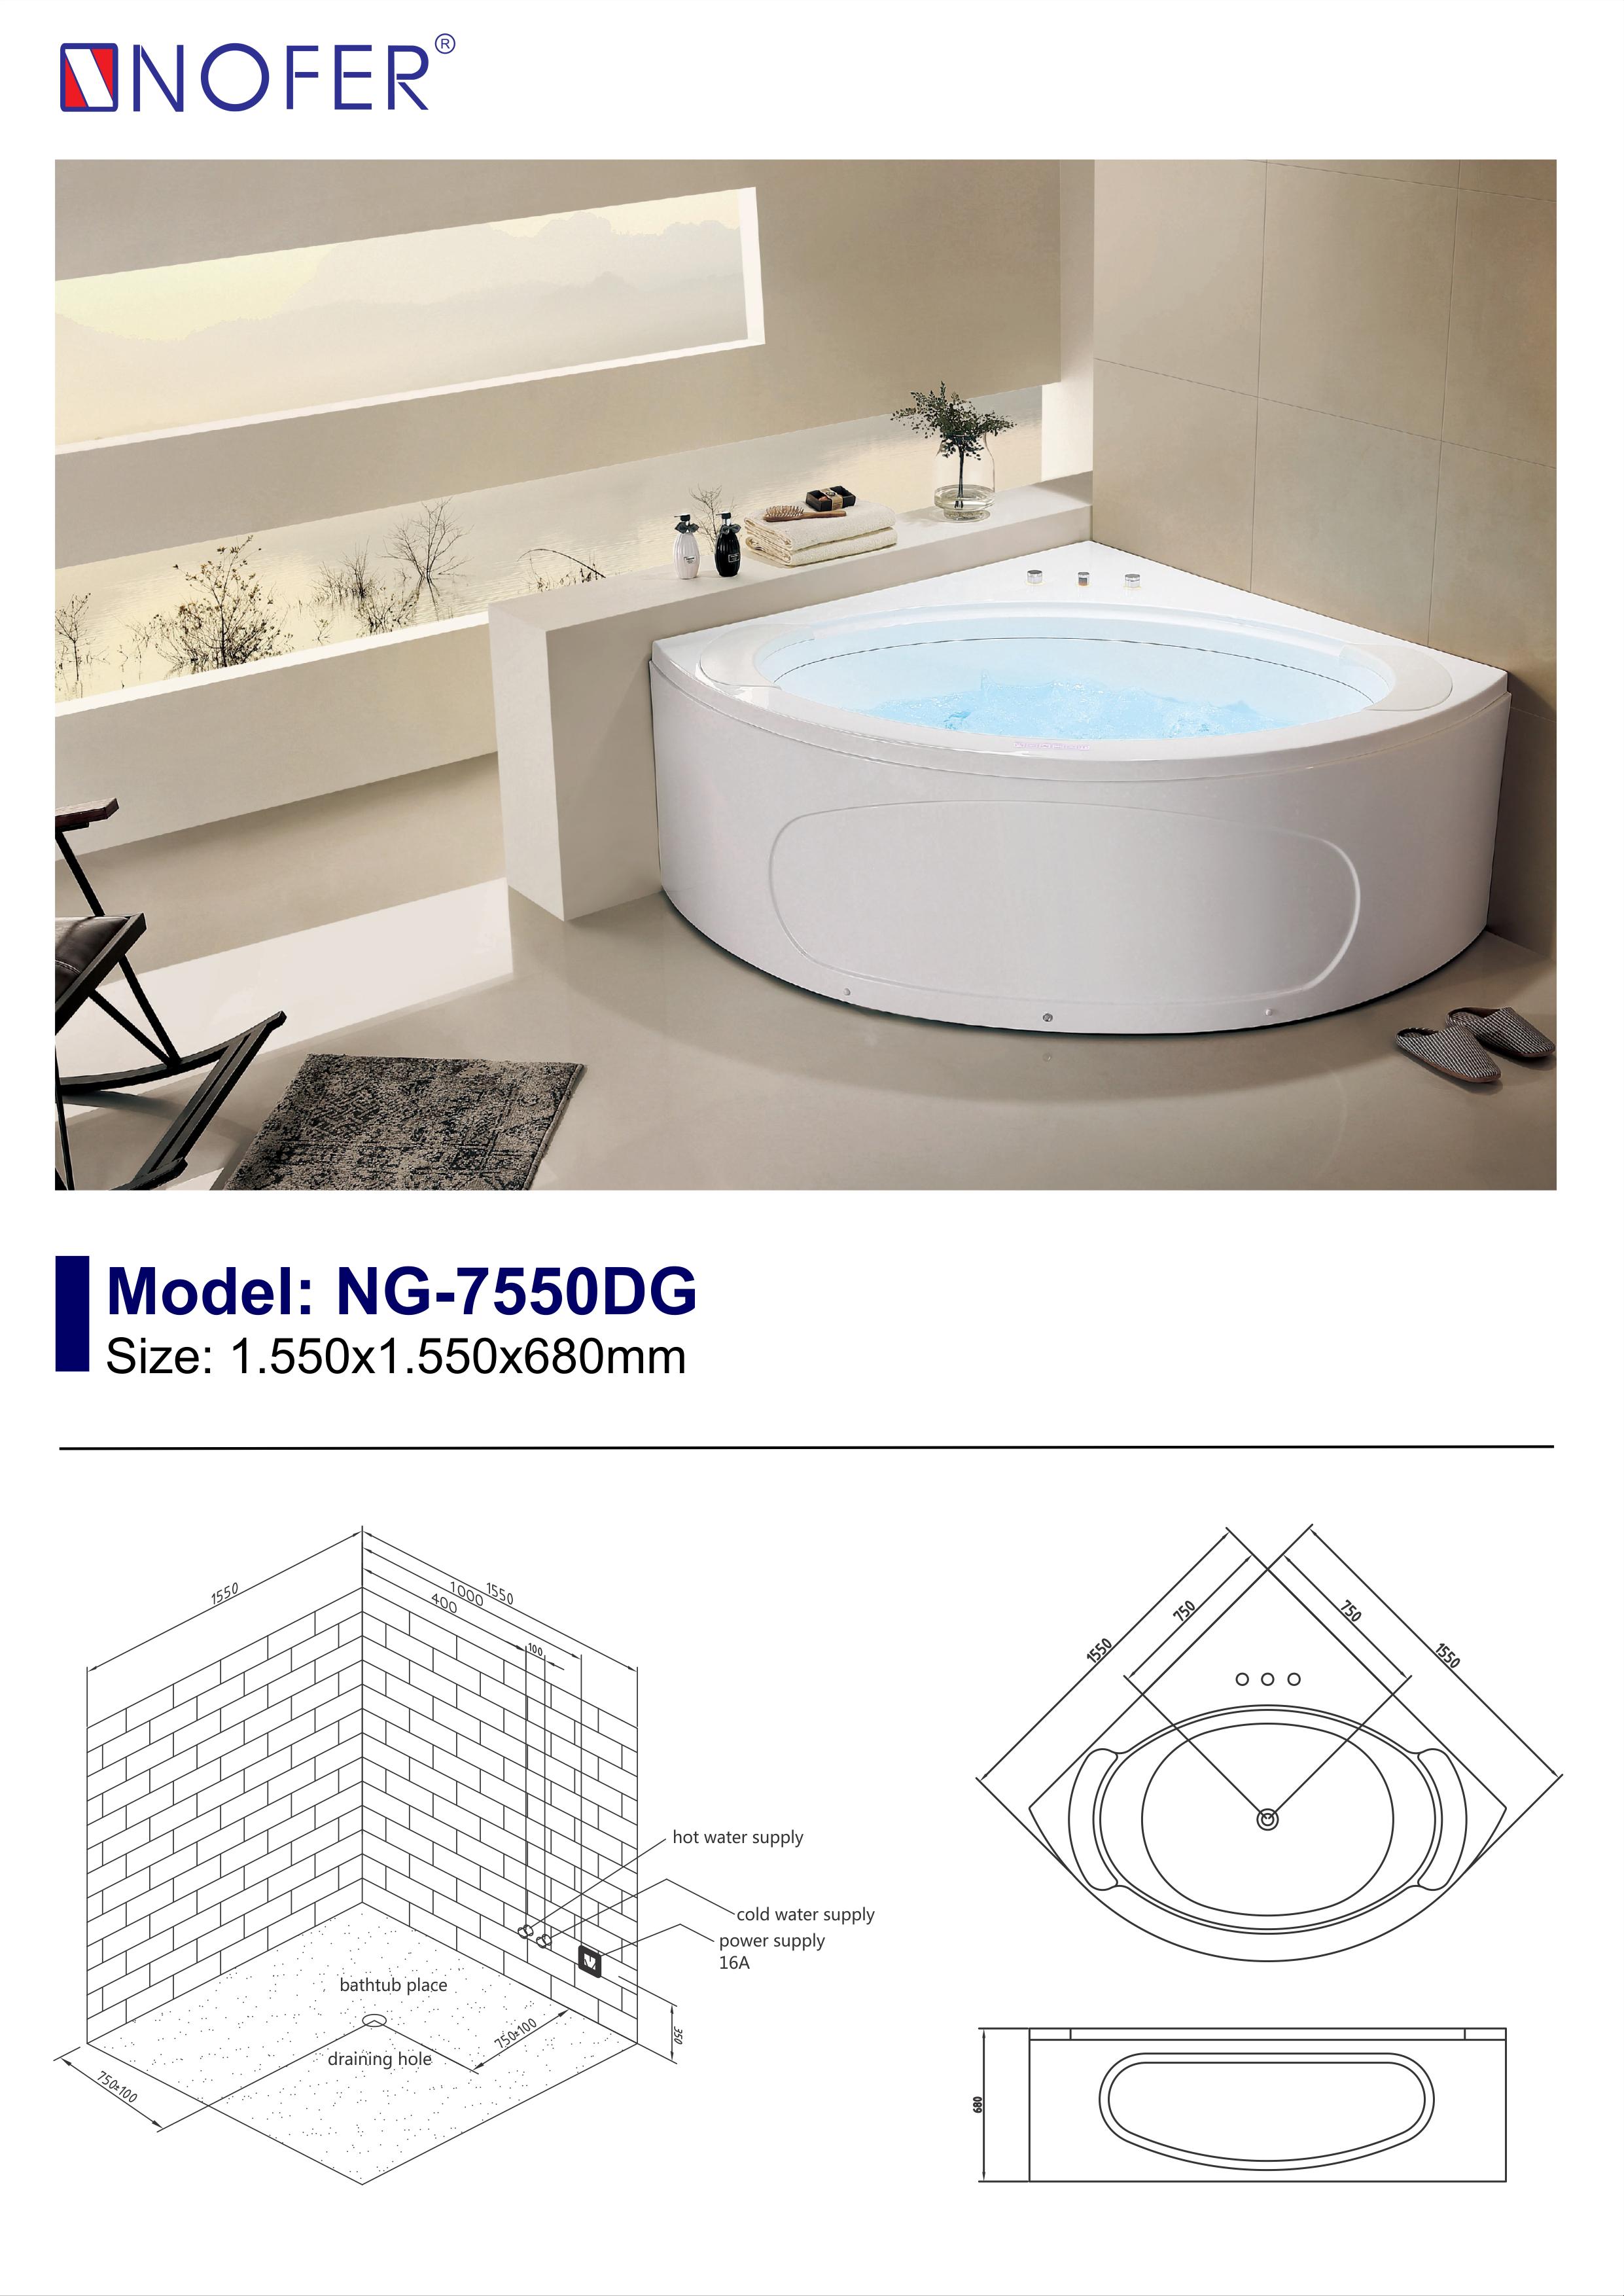 Sơ đồ điện nước của bồn tắm massage NG-7550DG